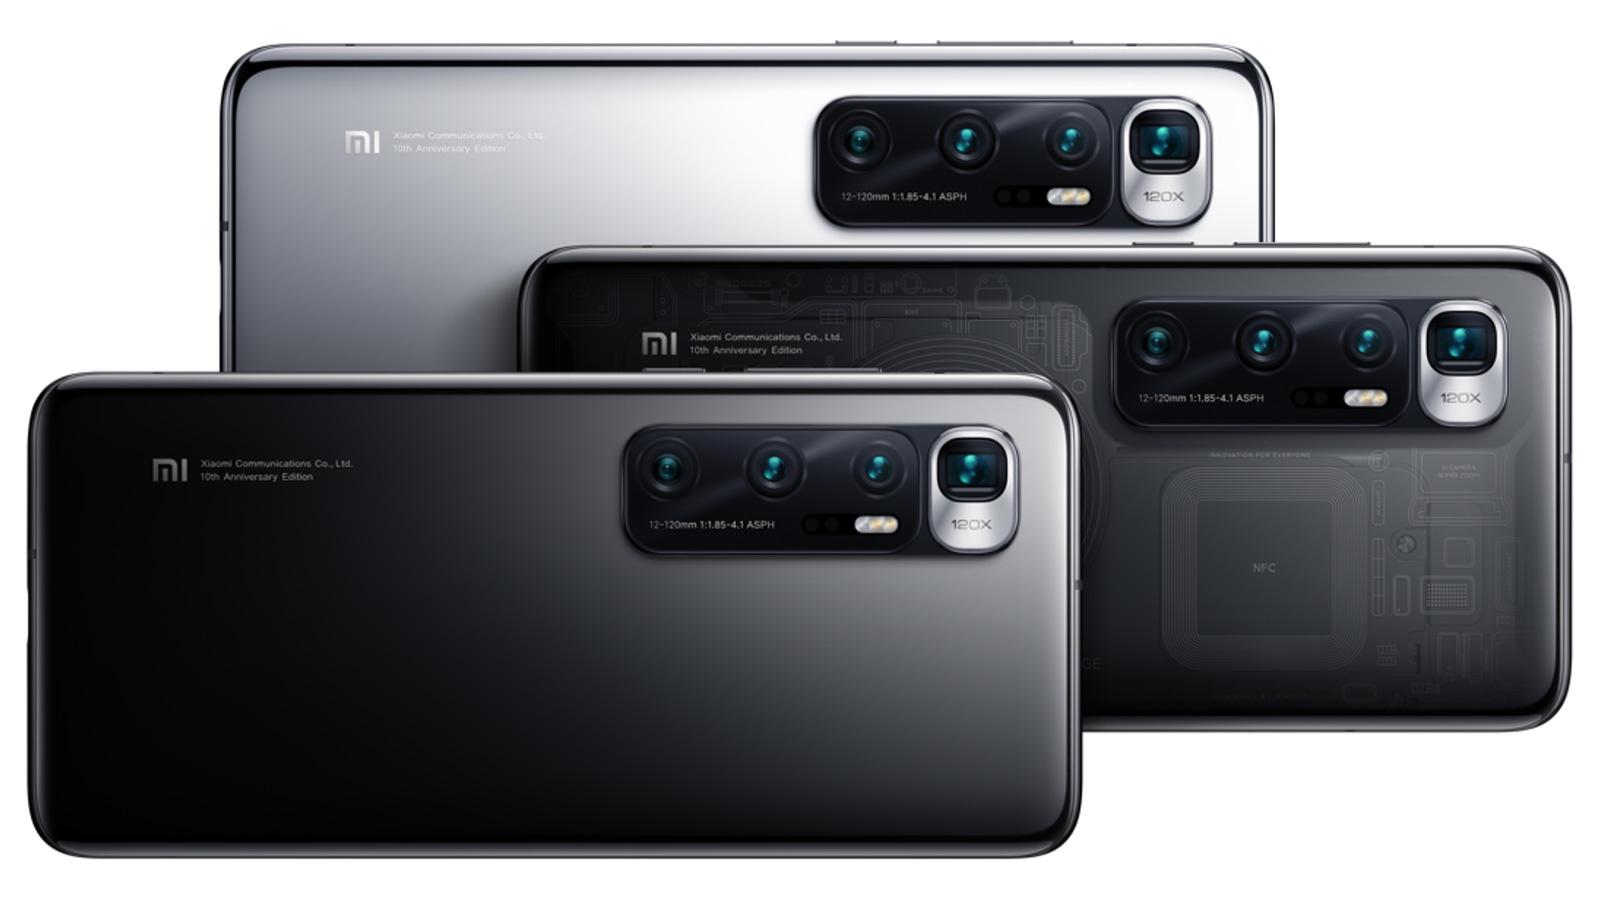 شاومي تكشف عن هاتفها الراقي Mi 10 Ultra بقدرة تكبير هجين ×120